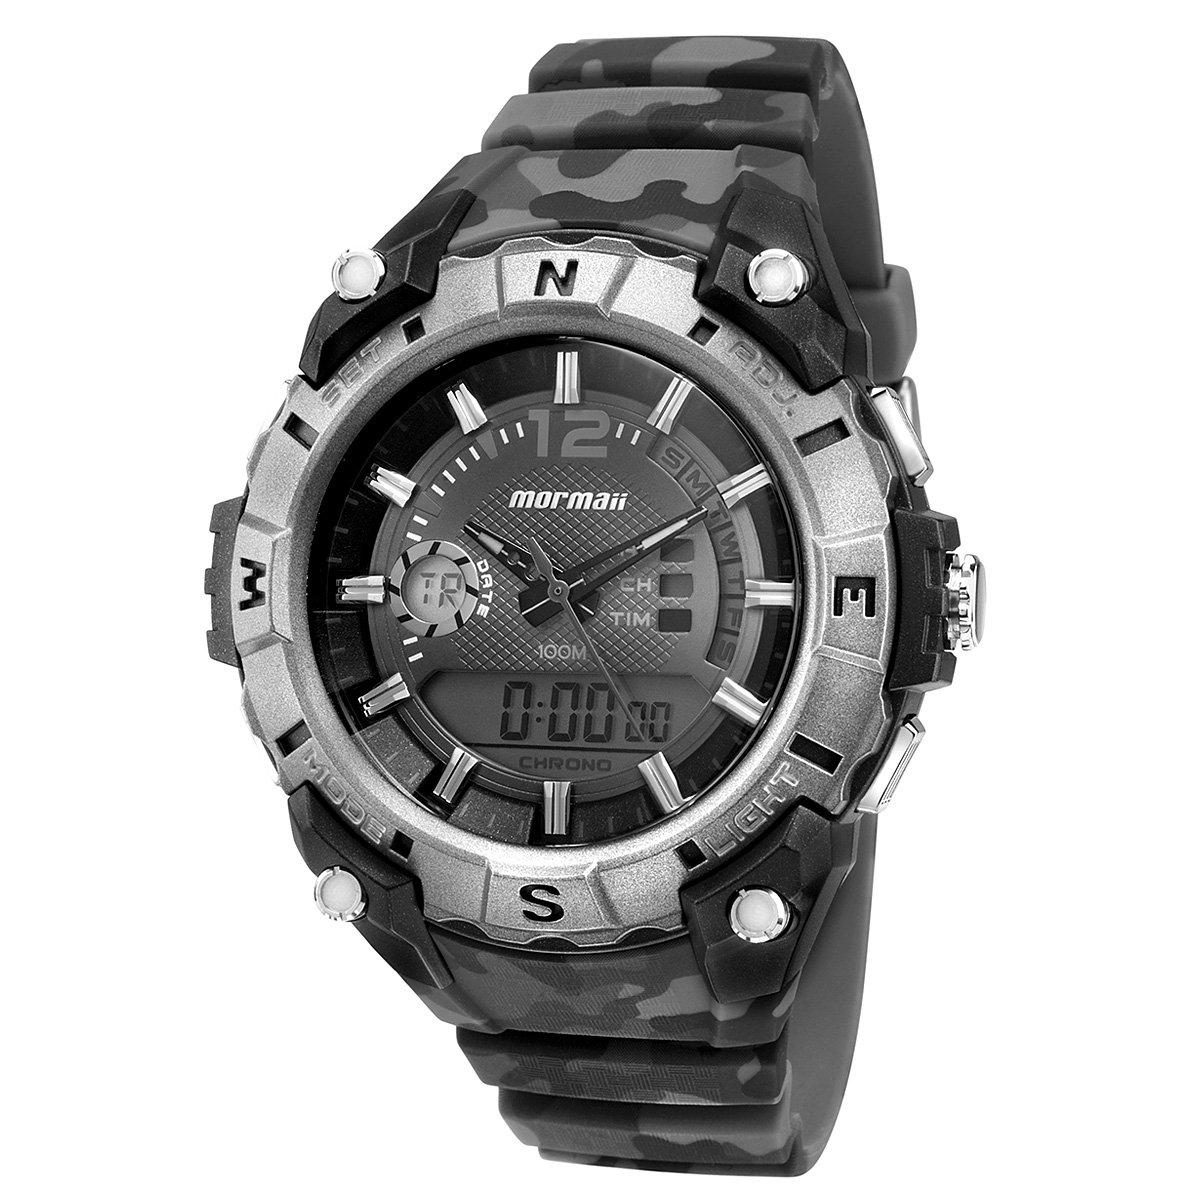 Relógio Mormaii MO1011A - Compre Agora   Netshoes 632c2546f3